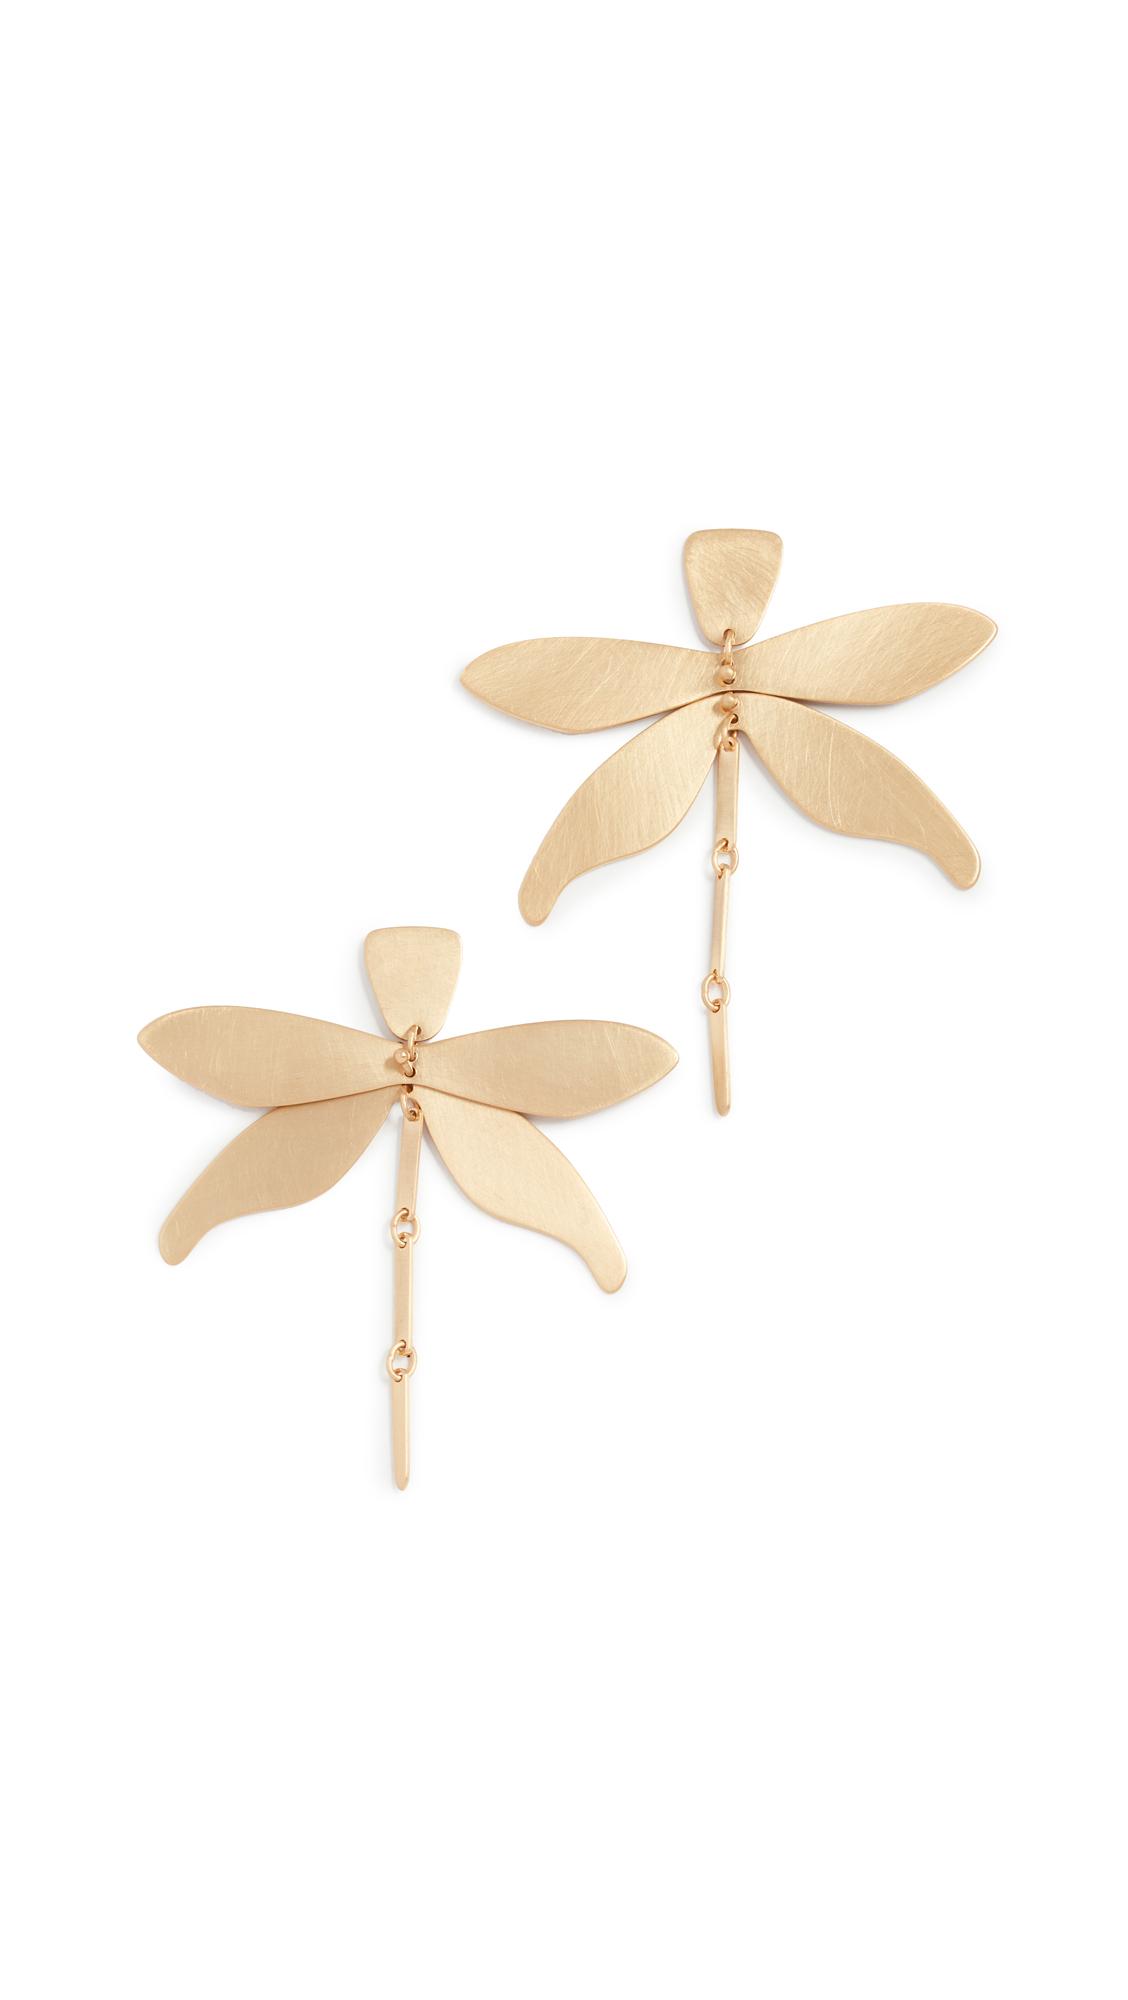 Tory Burch Dragonfly Earrings In Brass